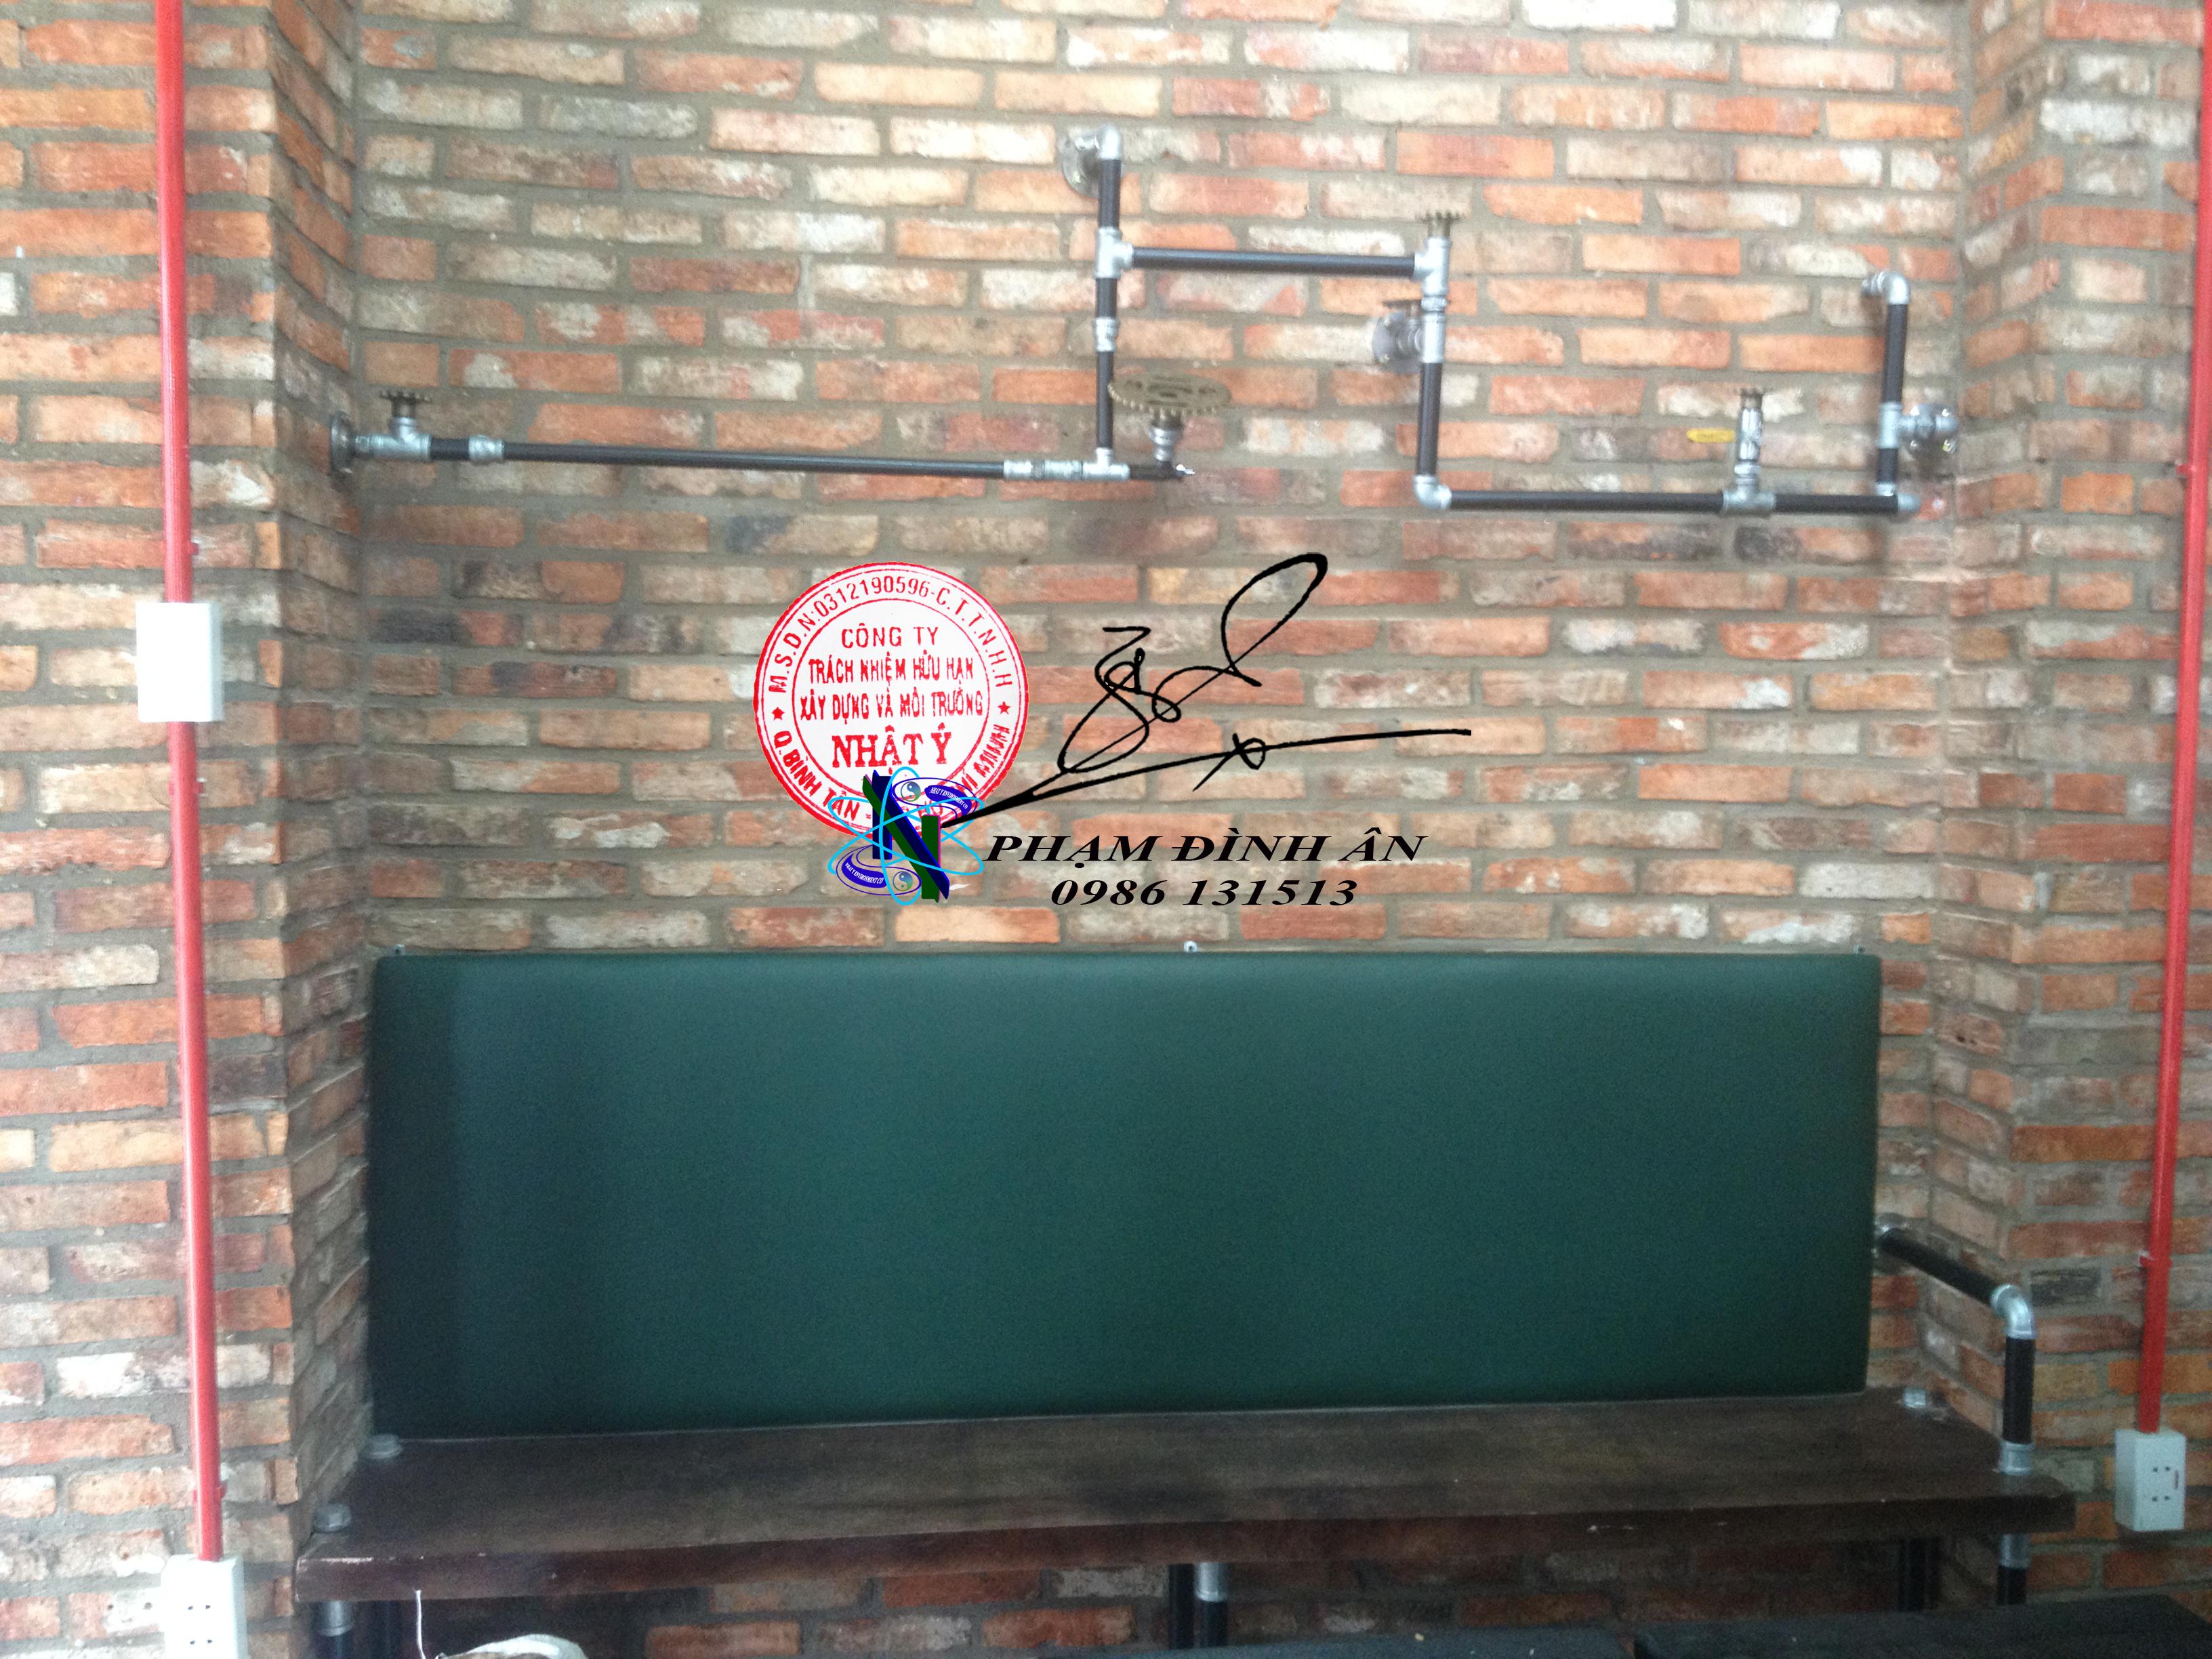 Kệ trang trí bằng ống nước kết hợp ghế salon